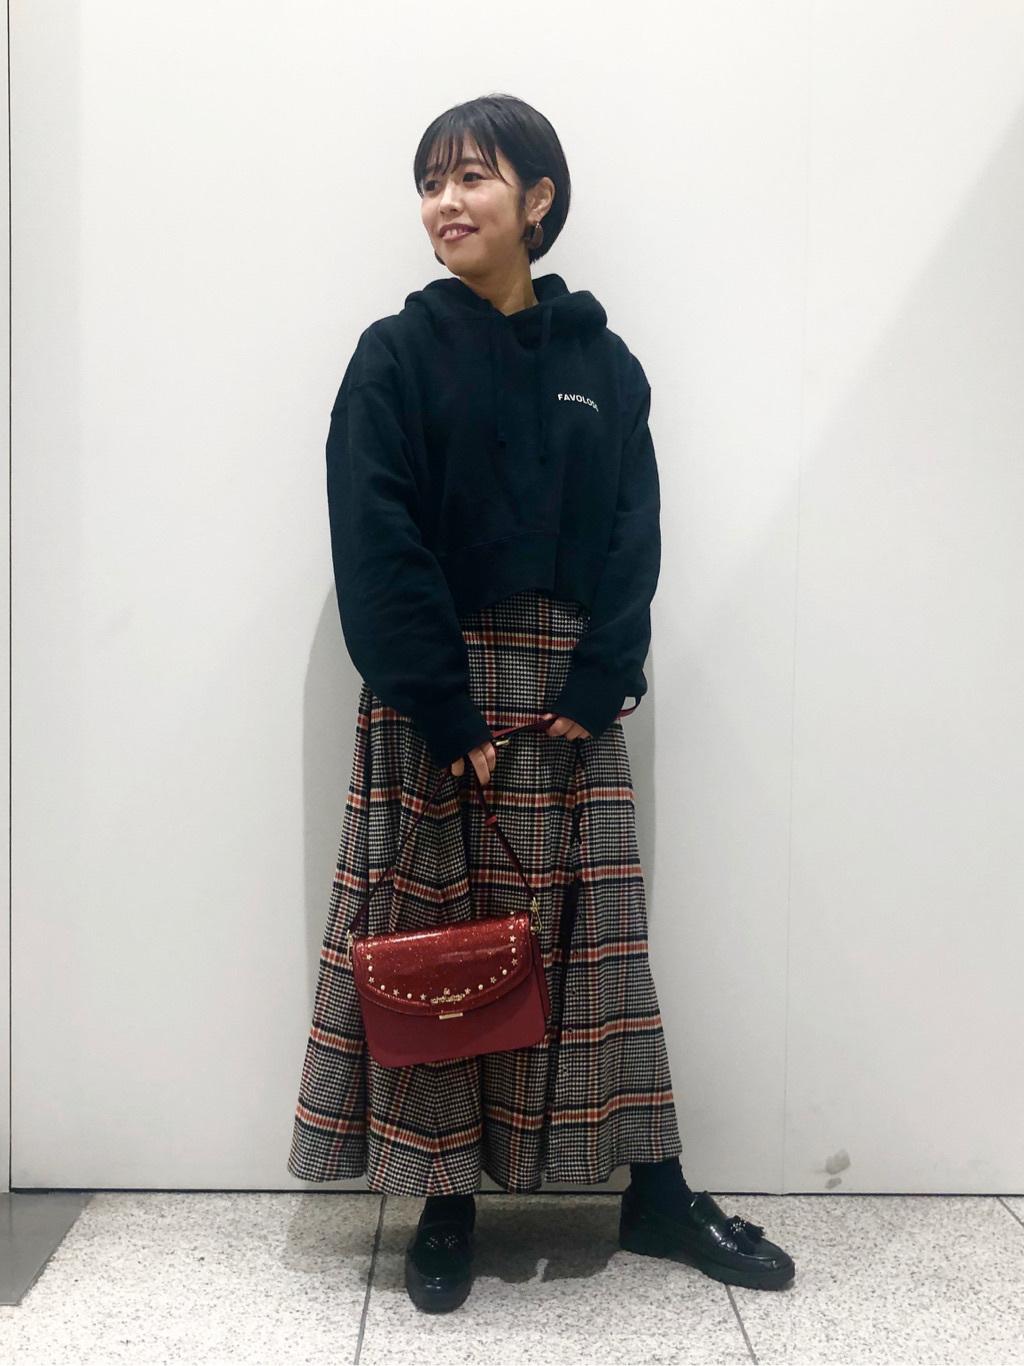 &シュエットギャラリーららぽーと立川立飛店 misaki